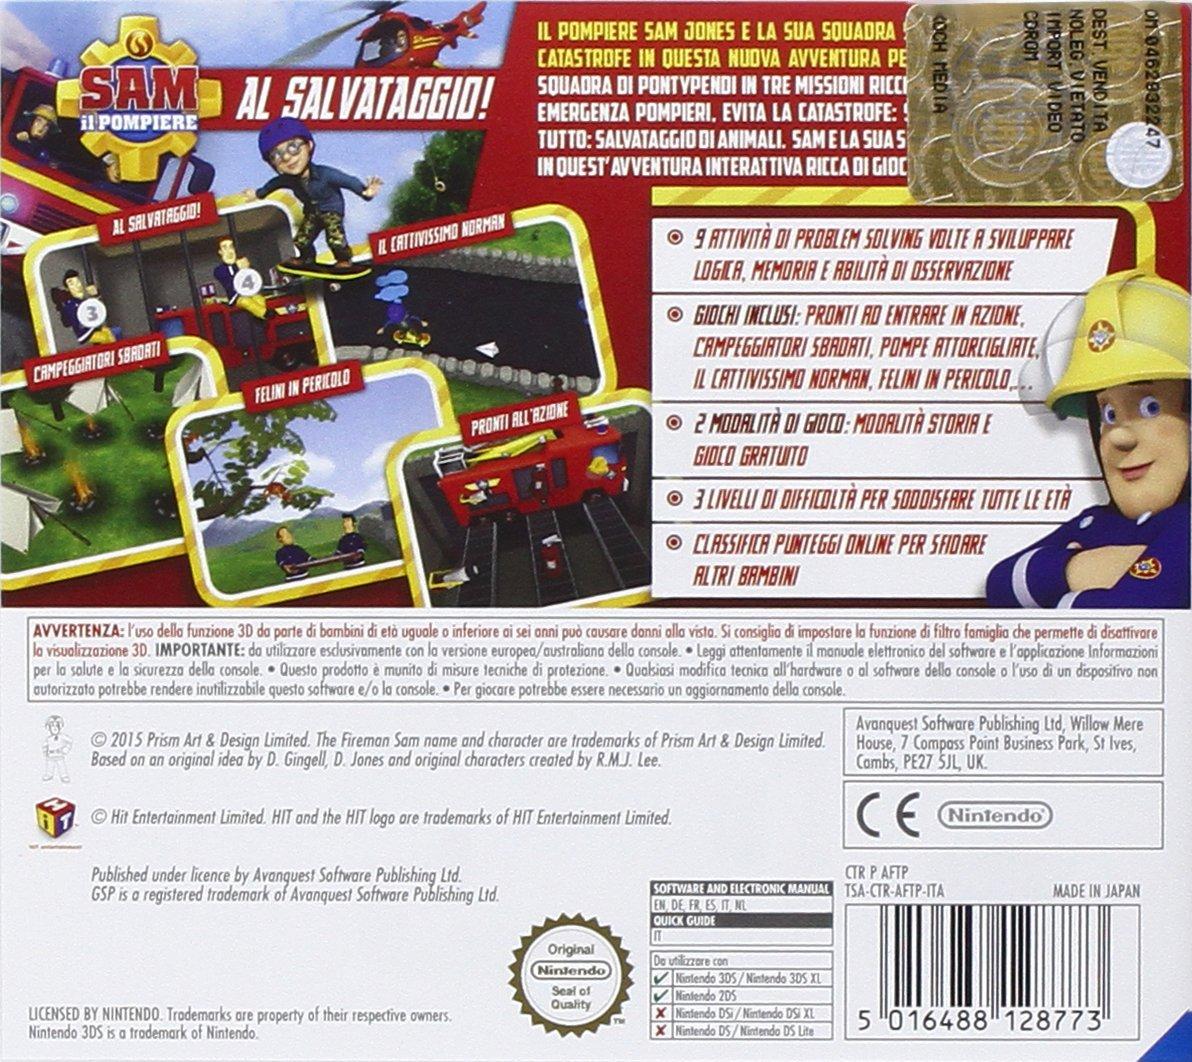 Sam il pompiere videogioco videogames Nintendo 3DS copertina